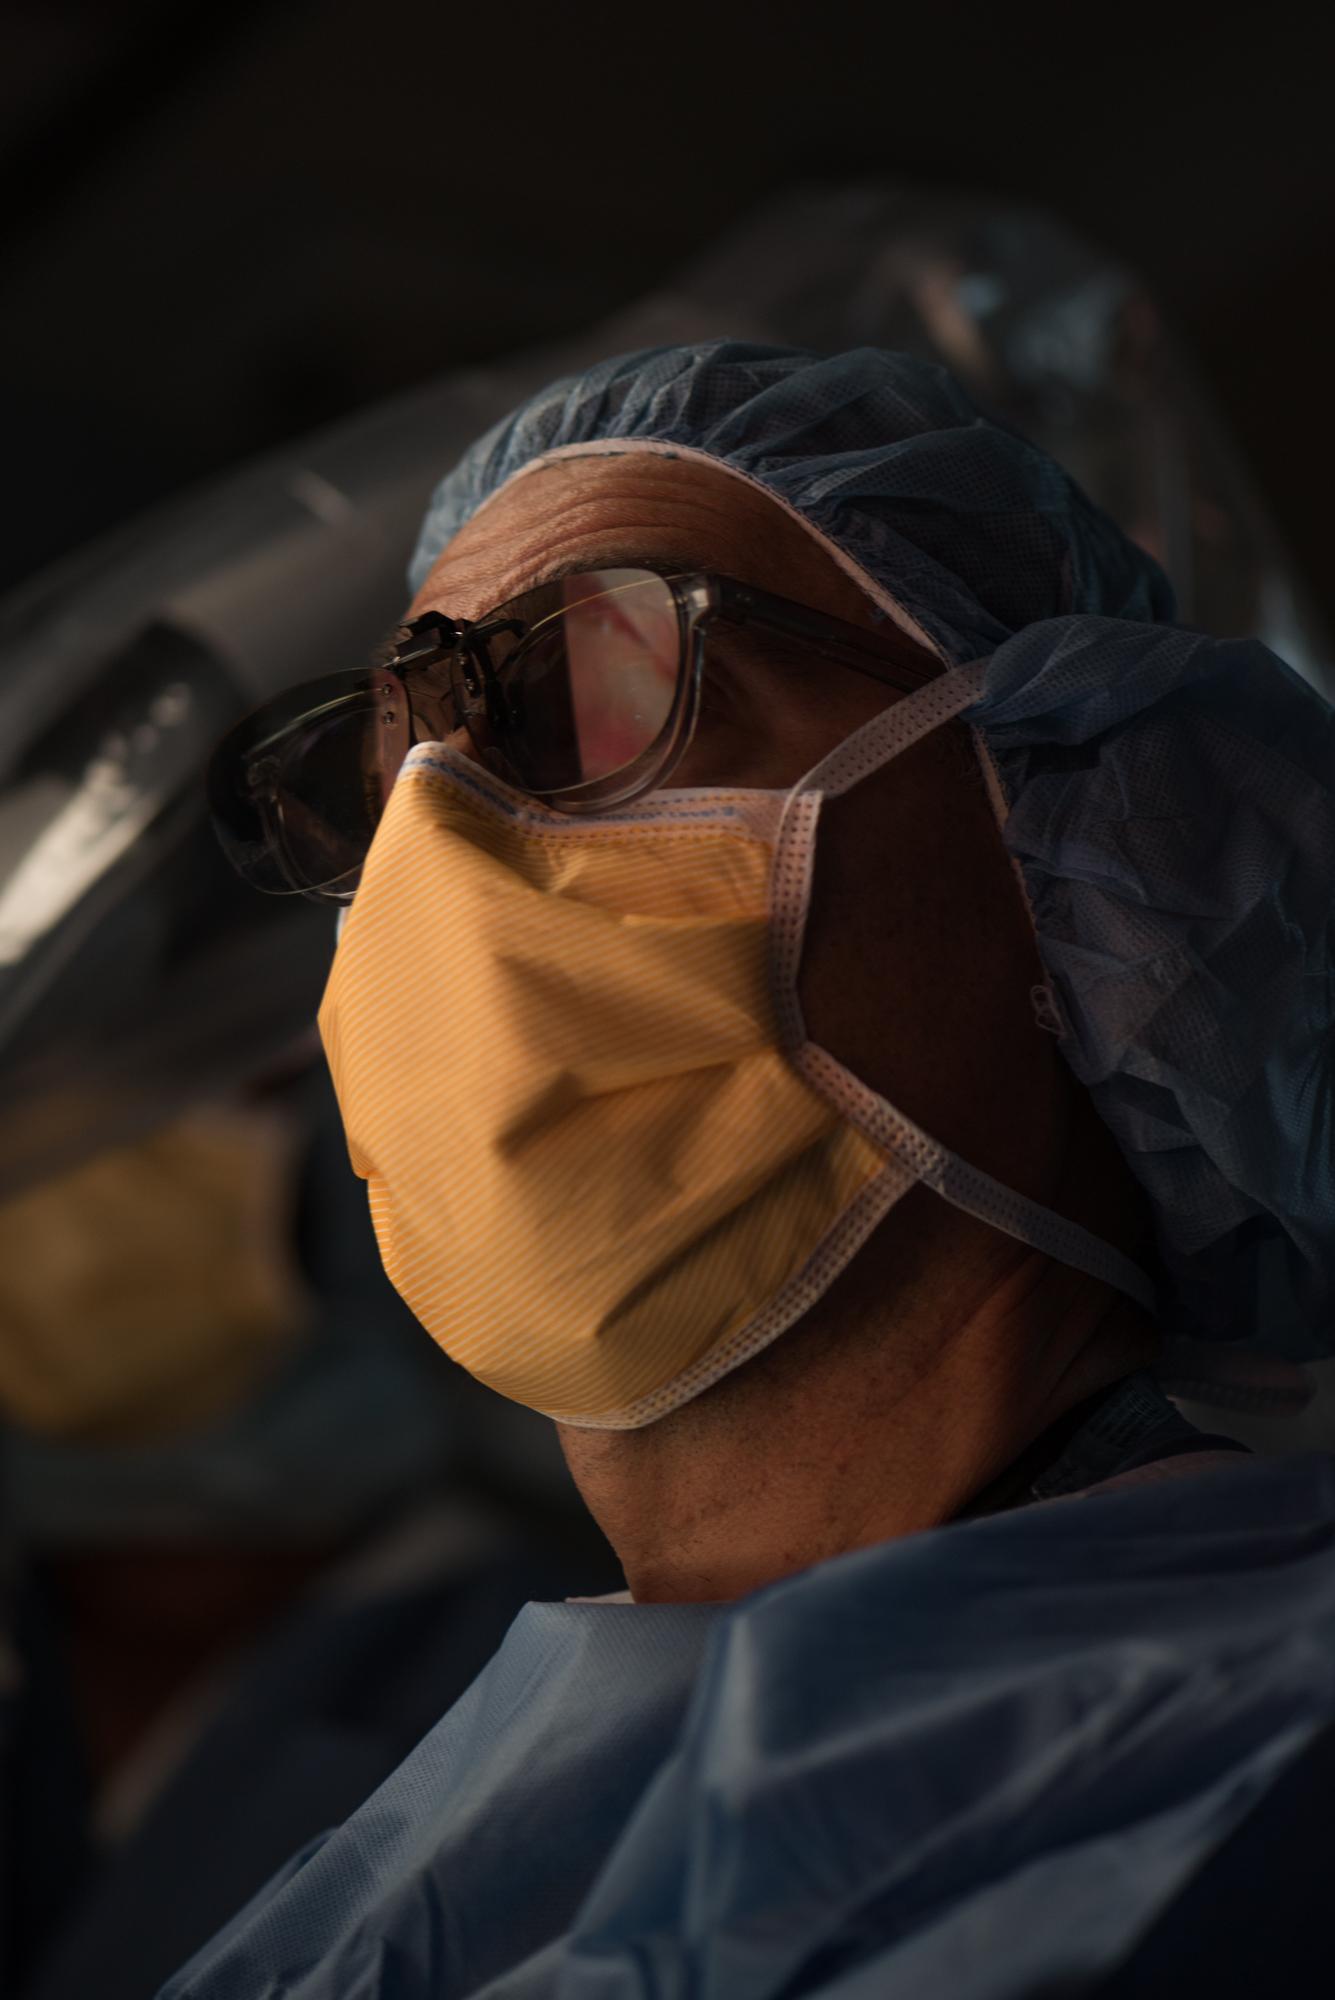 3D_Brain_Surgery_02.jpg